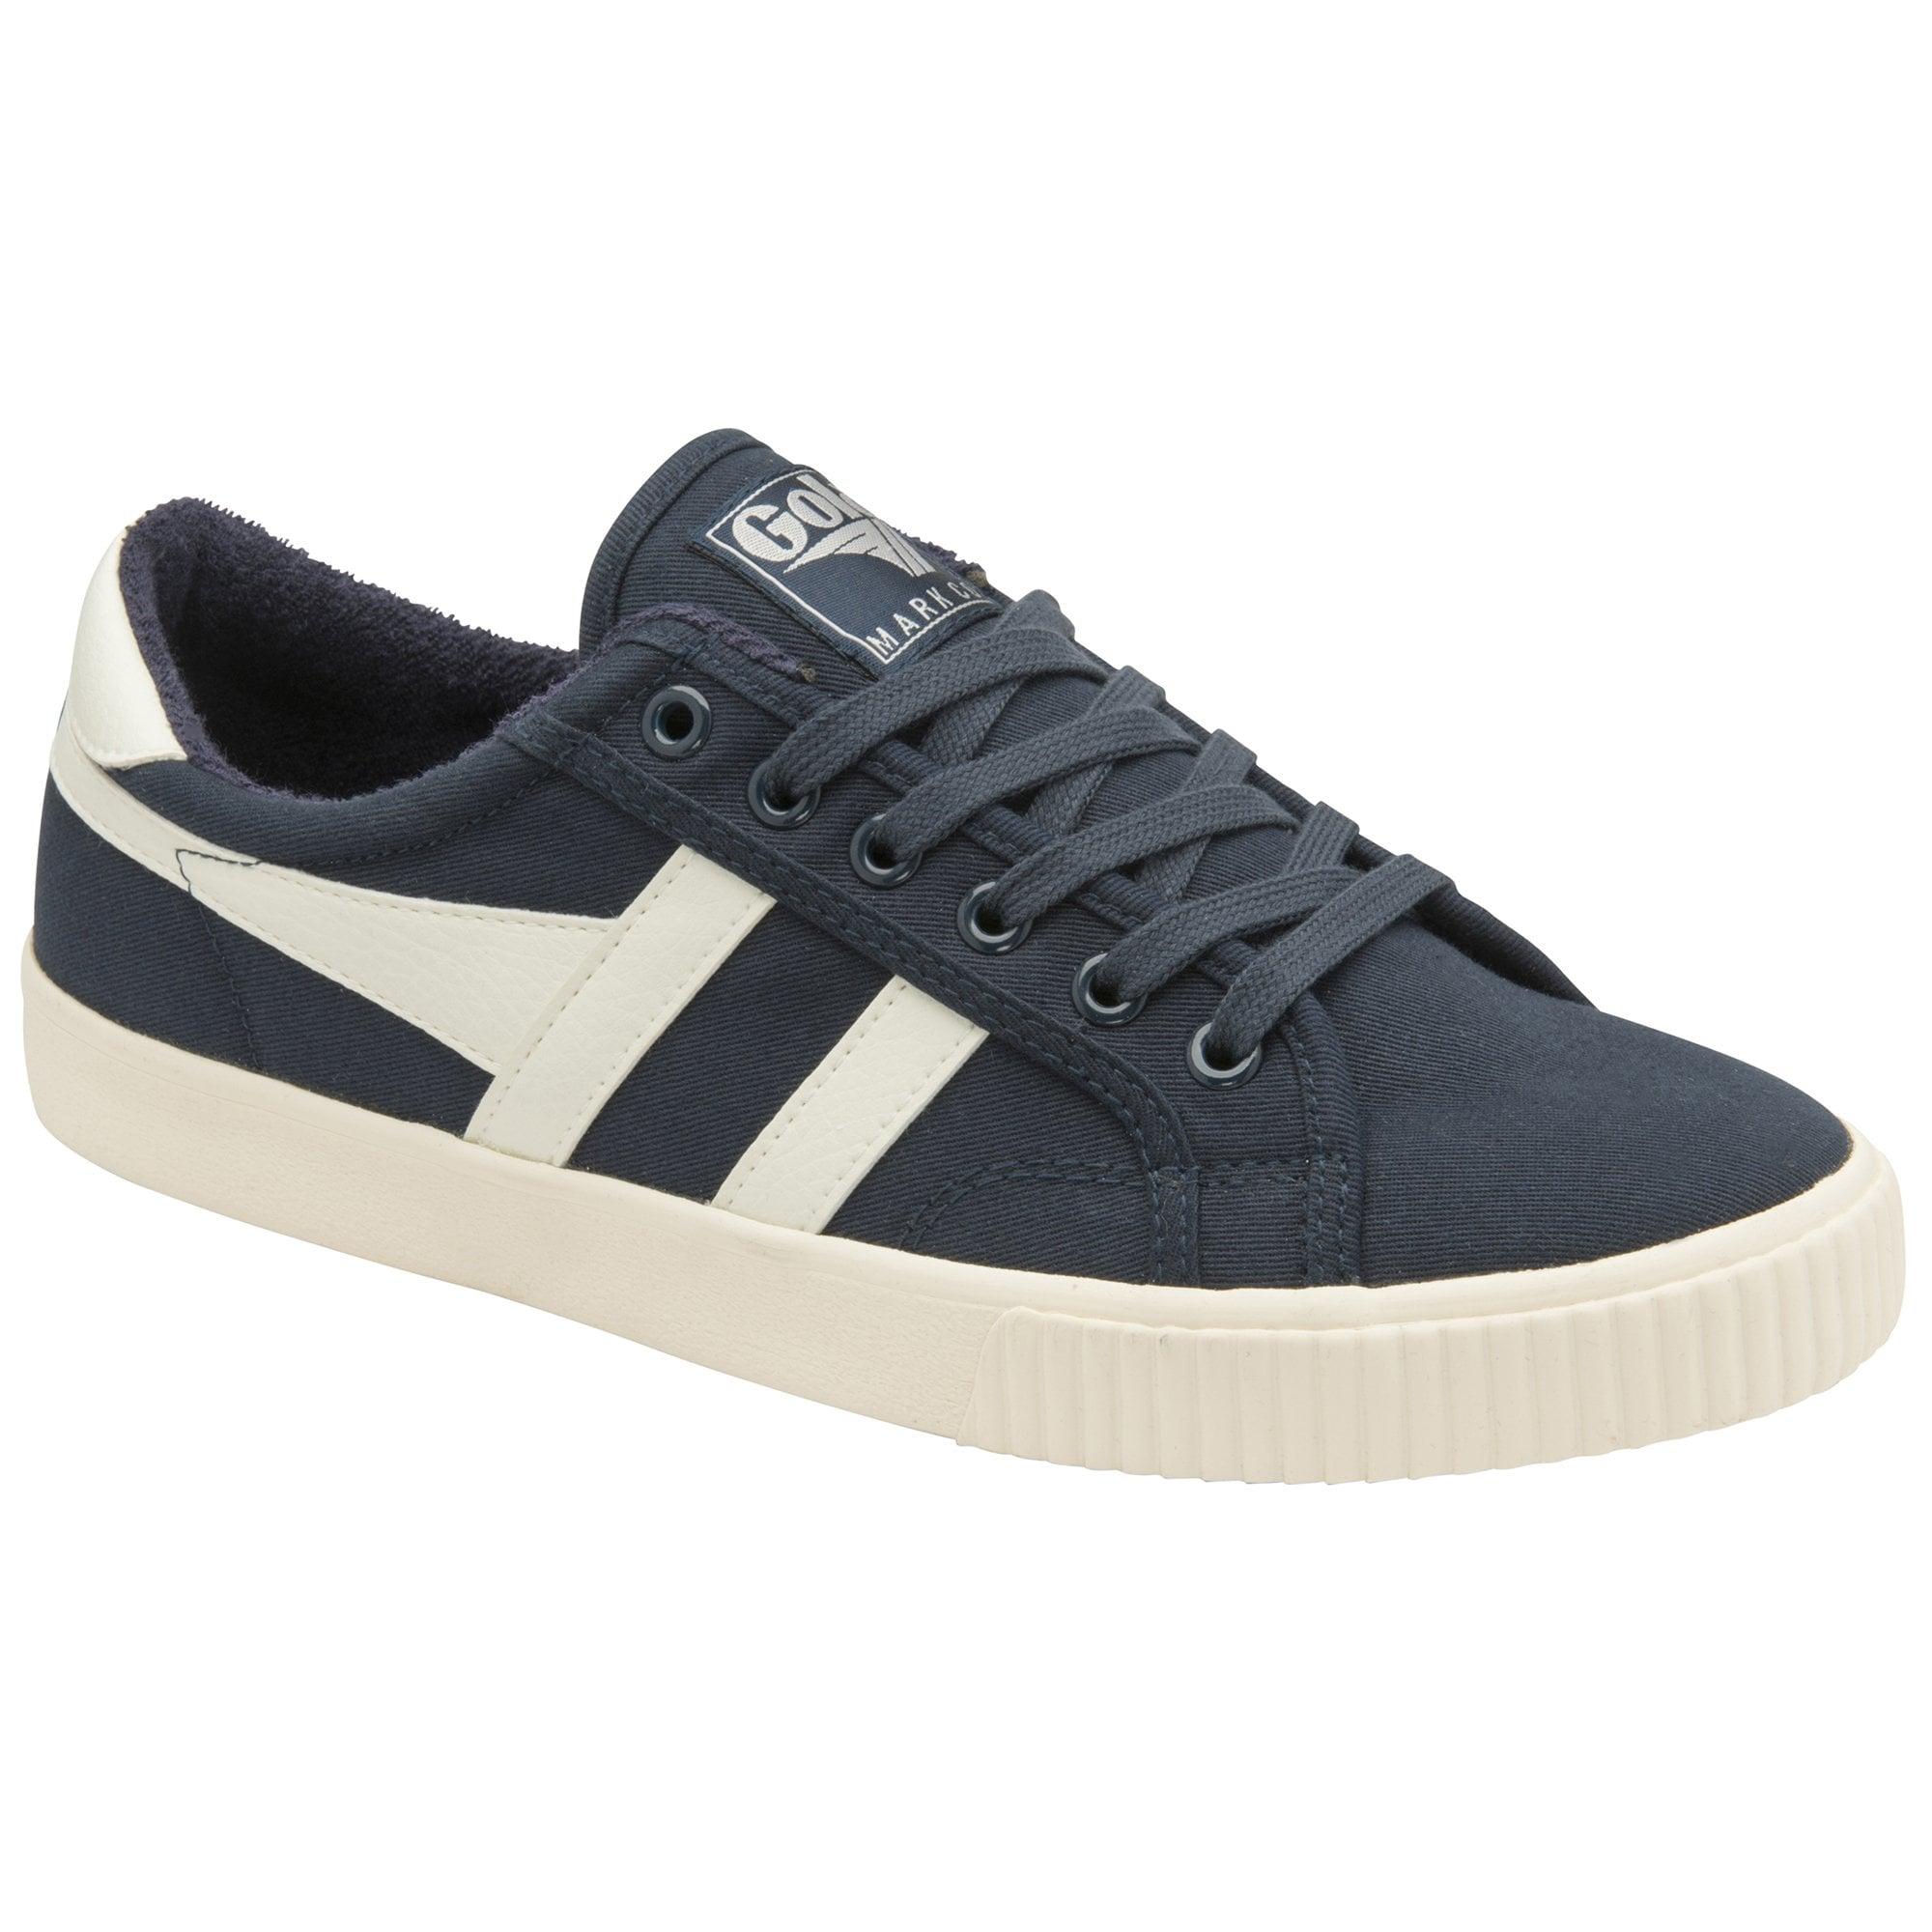 Buy Gola Mens Tennis Mark Cox sneaker